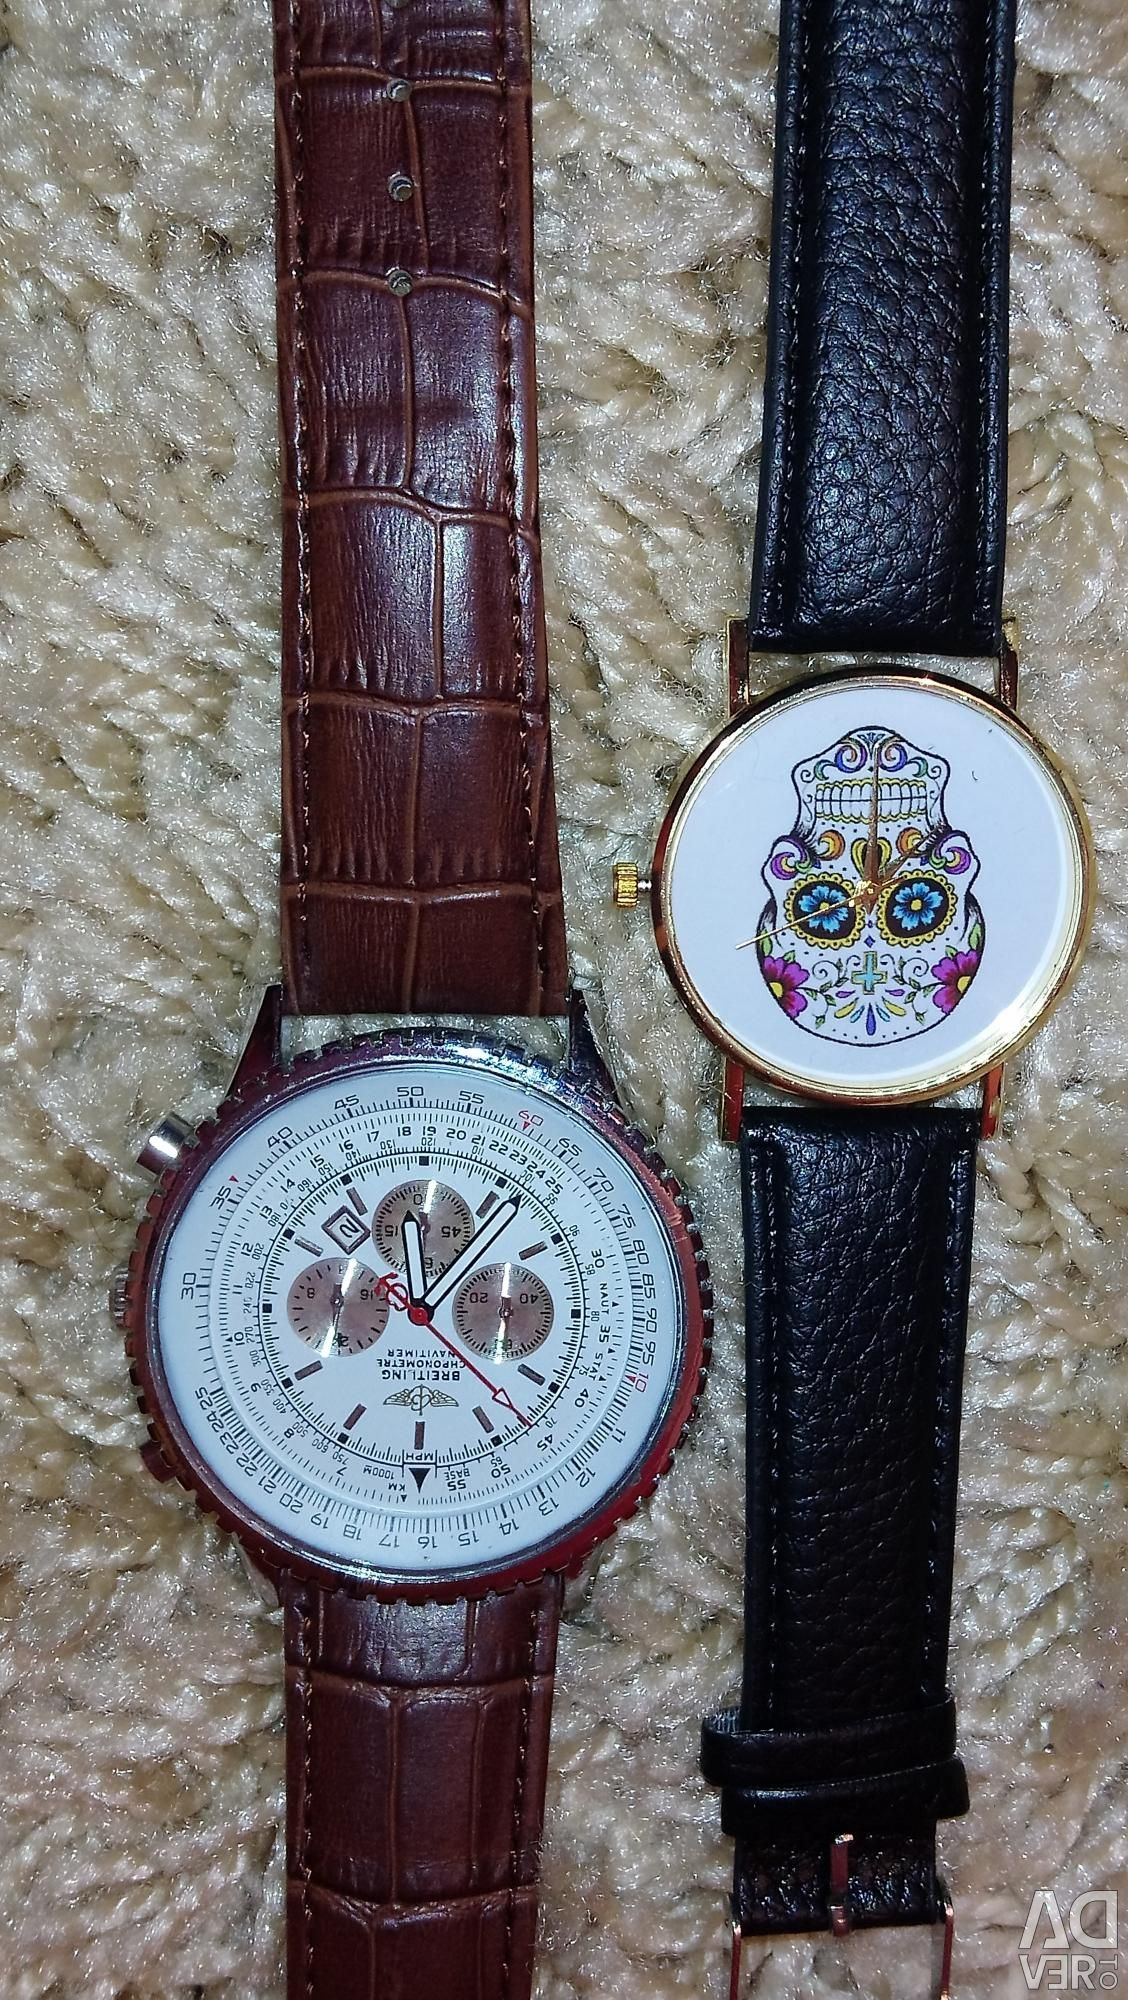 Швейцарские крым продам часы часы швейцарские где продать